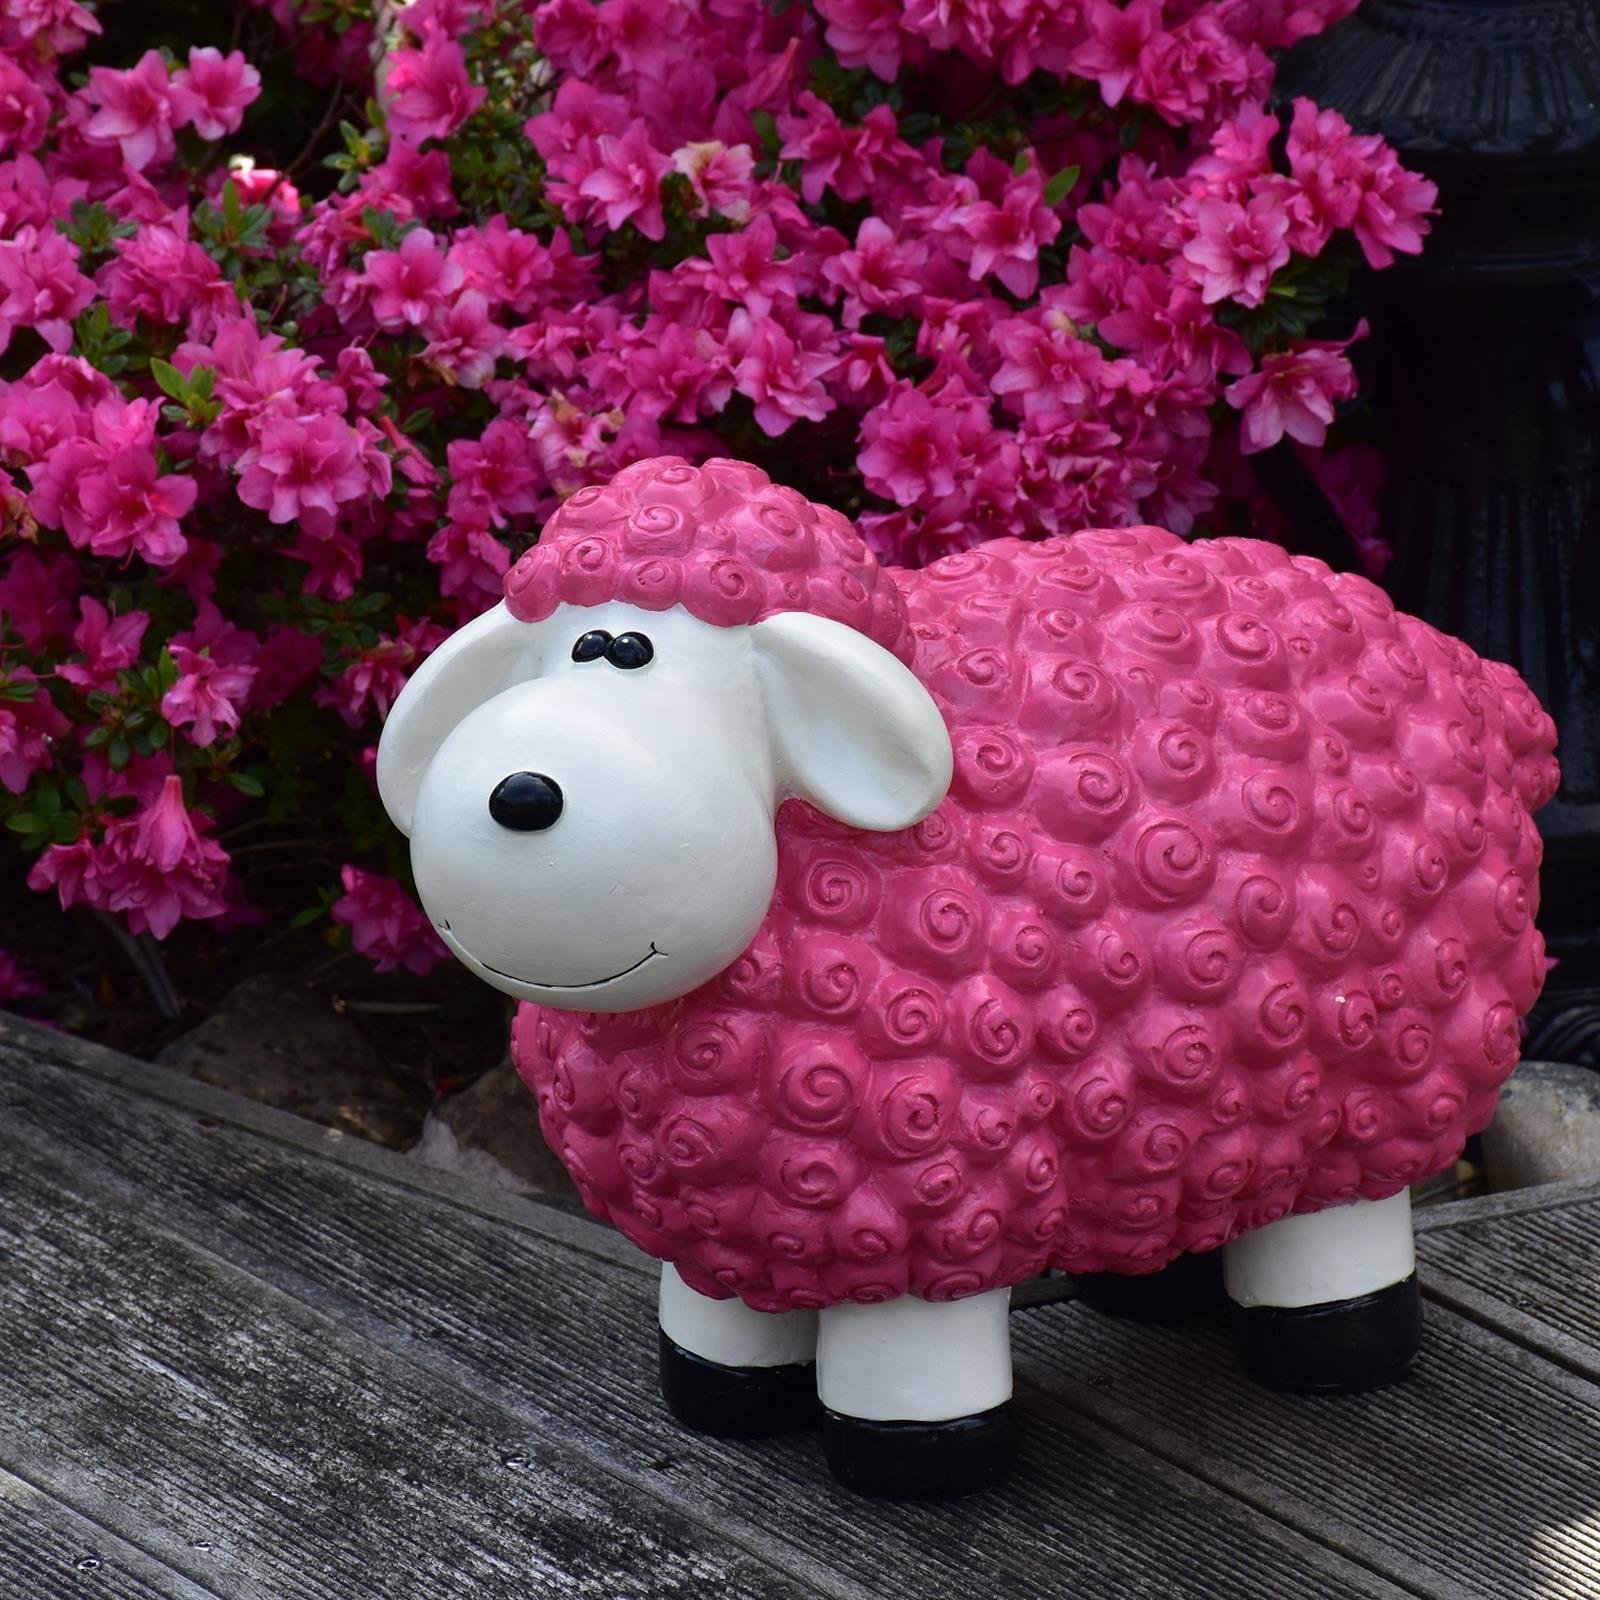 Gartenfigur Schaf in Brombeer